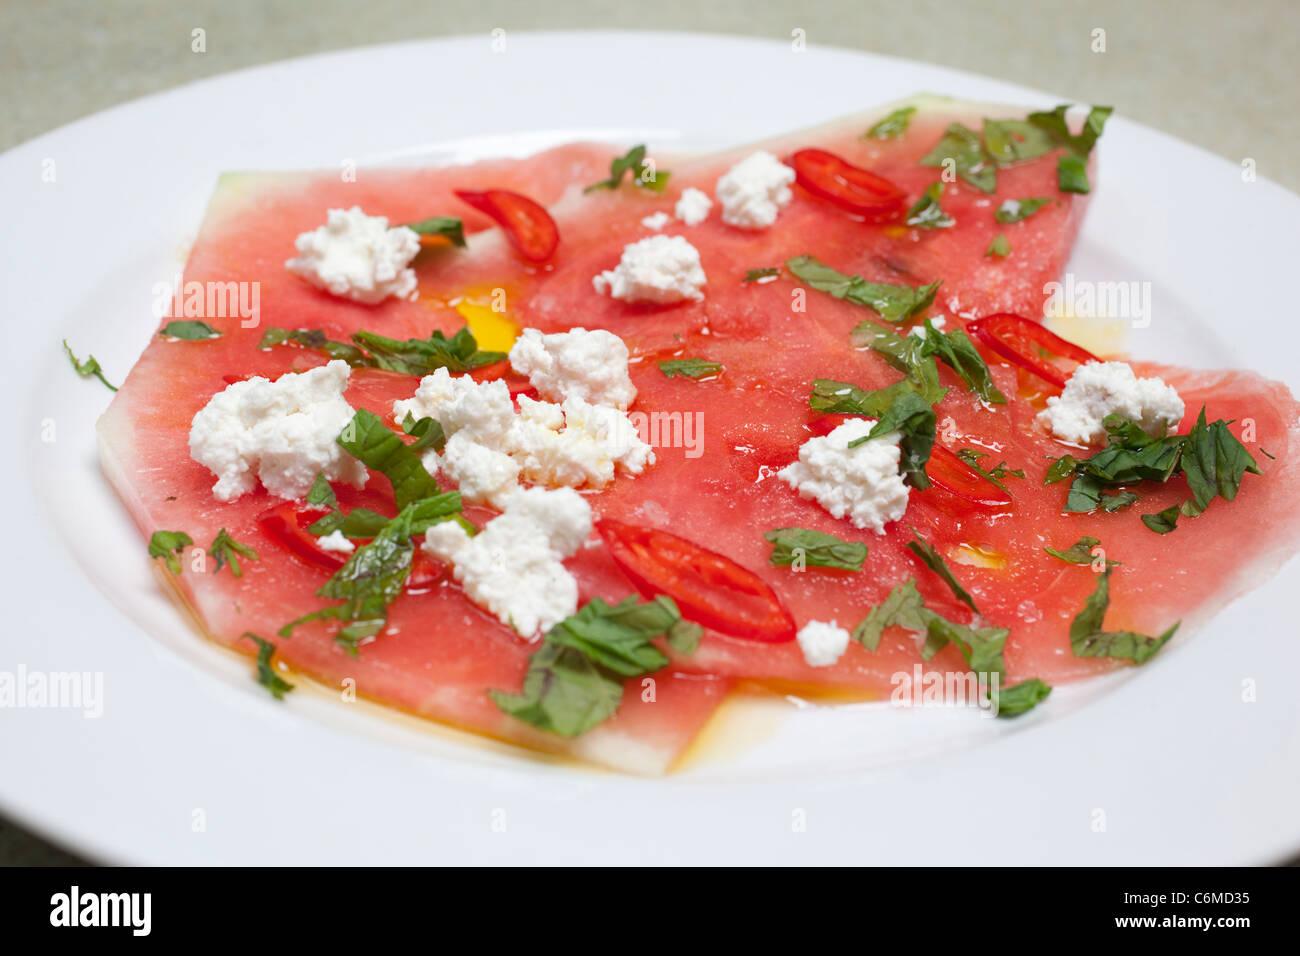 Pastèque, feta et menthe, recette de salade de piment. Photo:Jeff Gilbert Photo Stock